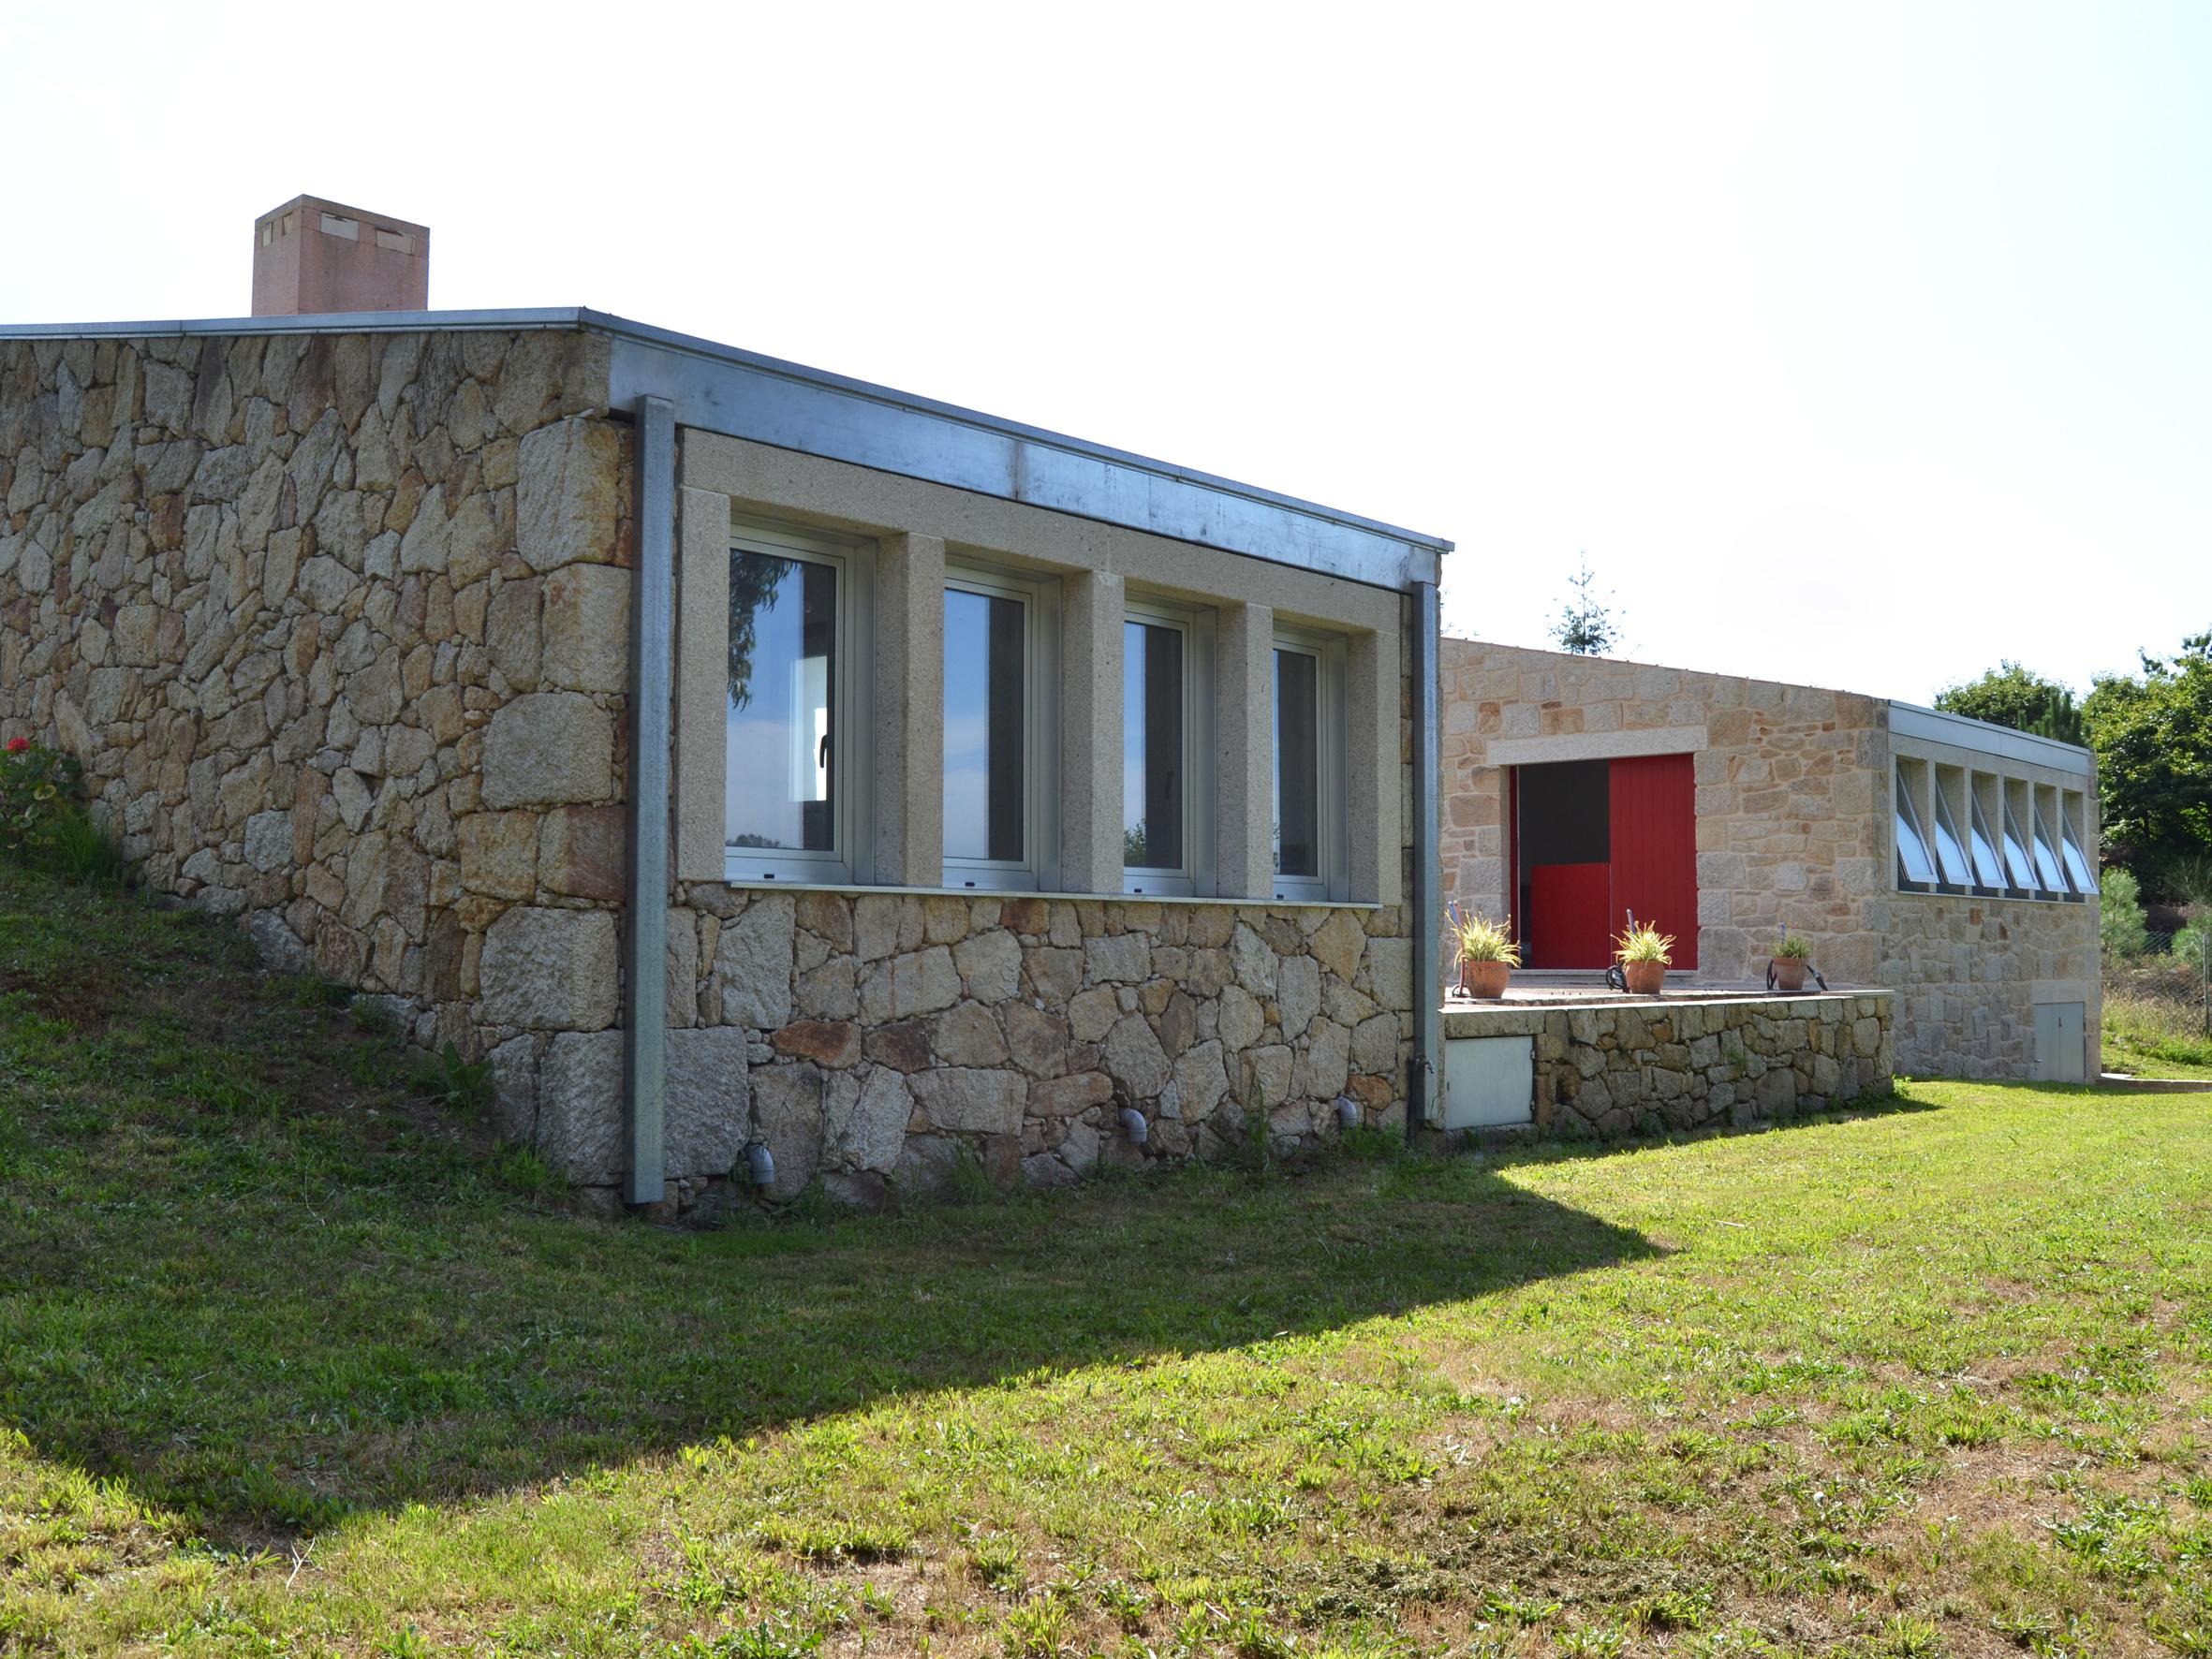 Vivienda compuesta de dos casas de dise o contempor neo en for Casa moderna vigo